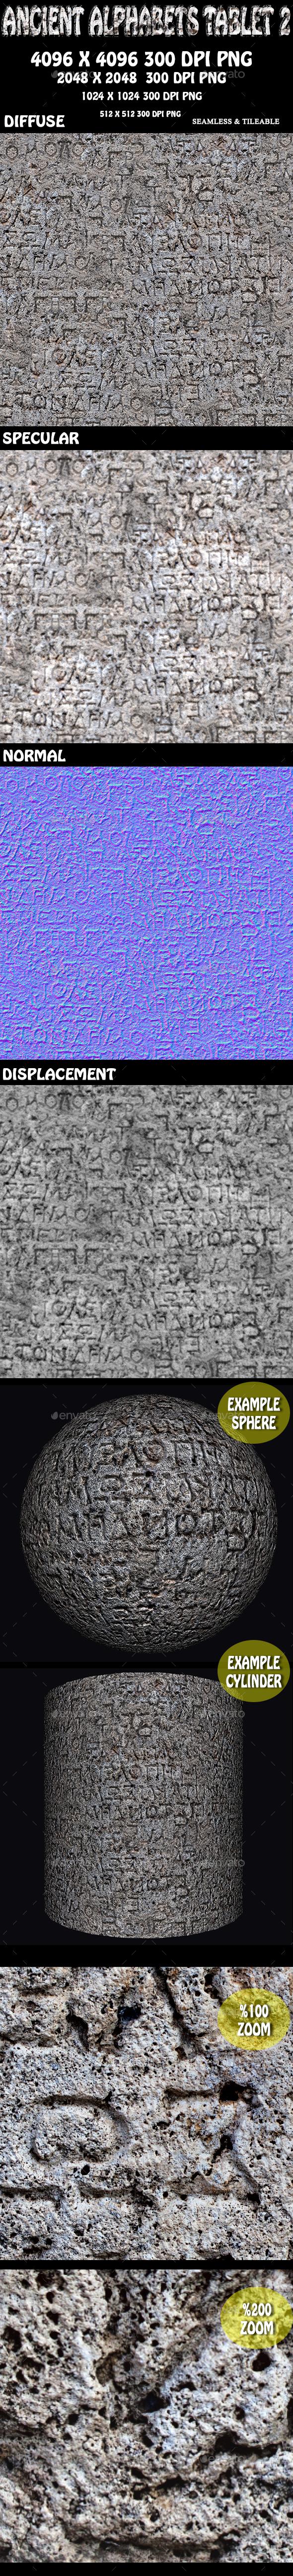 Ancient Alphabet Tablet Stone 3D - 3DOcean Item for Sale